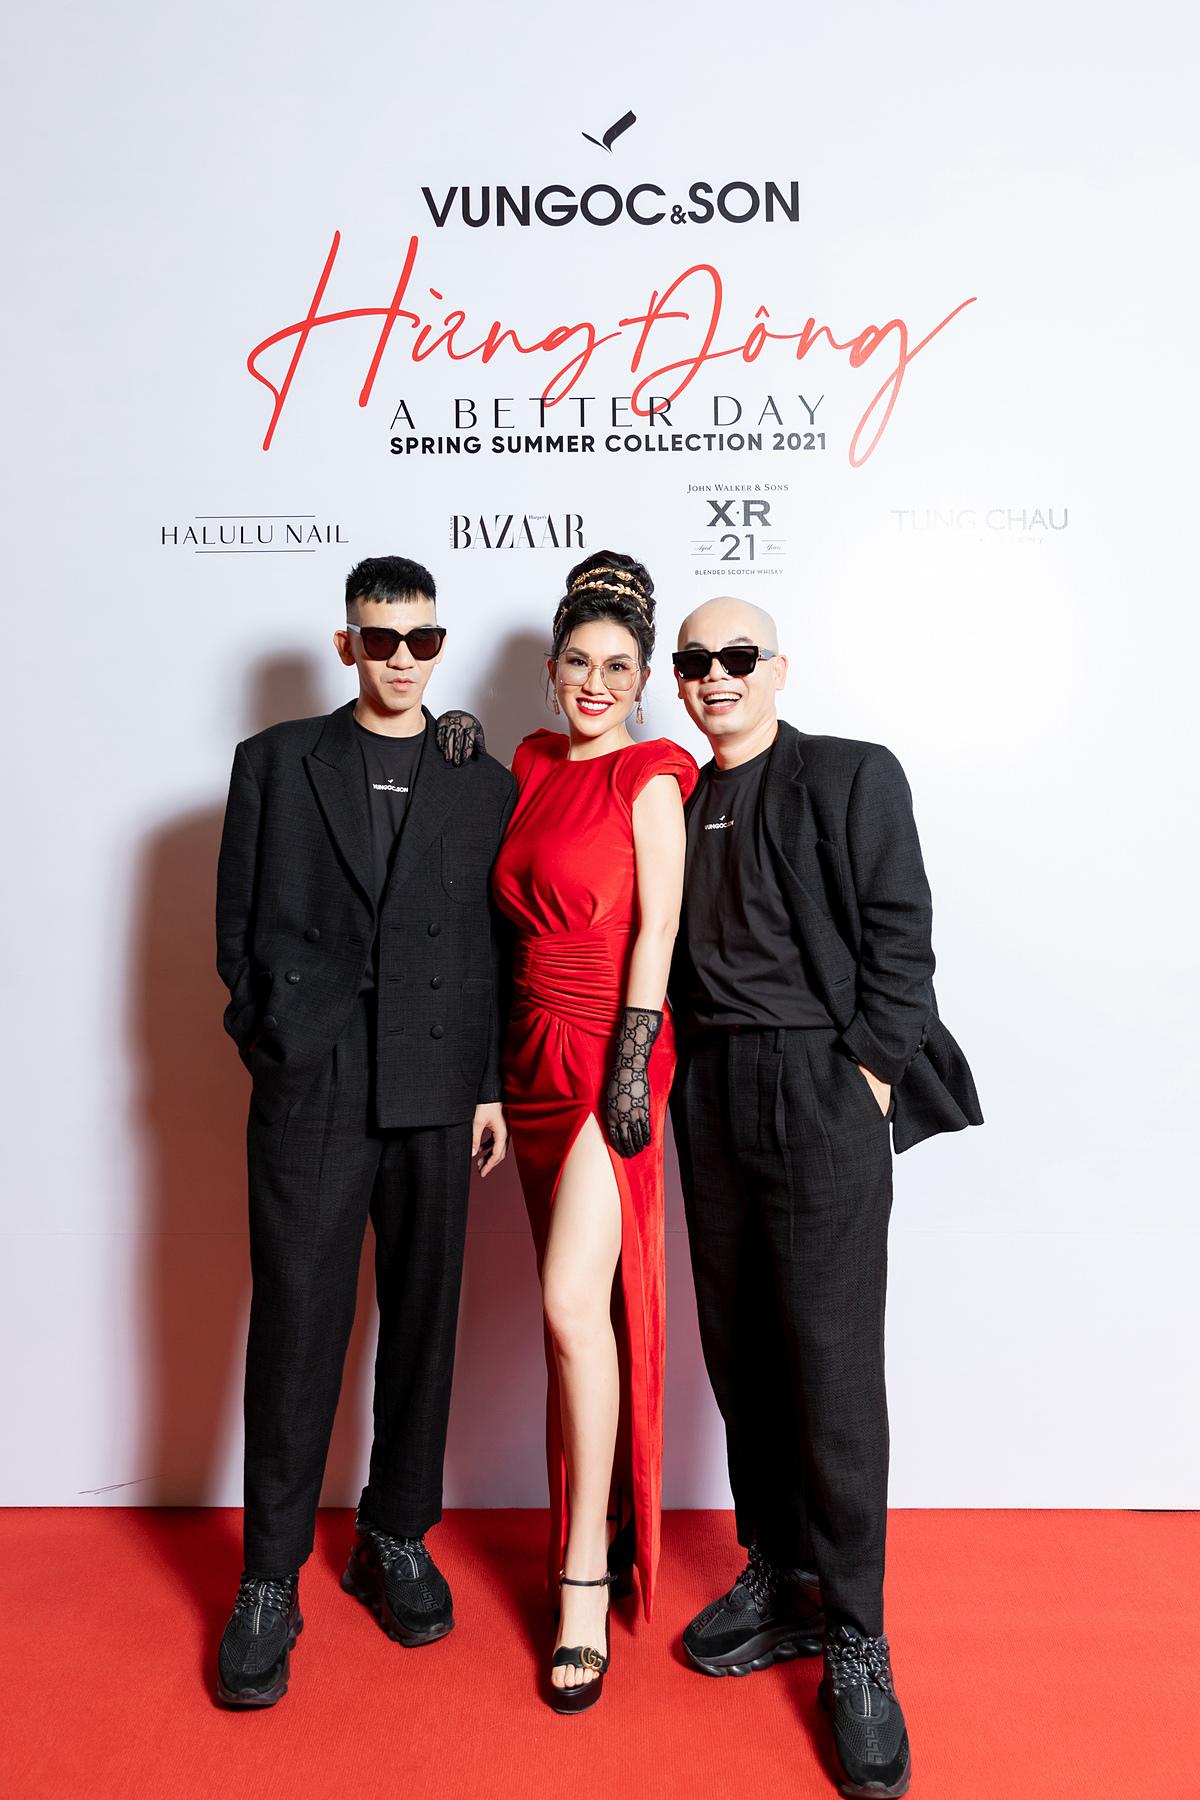 Là bạn thân của hai nhà thiết kế Đinh Trường Tùng và Vũ Ngọc Tú (thương hiệu Vũ Ngọc và Son), fashionista Châu Lê Thu Hằng xuất hiện tại thảm đỏ từ rất sớm để ủng hộ show diễn.